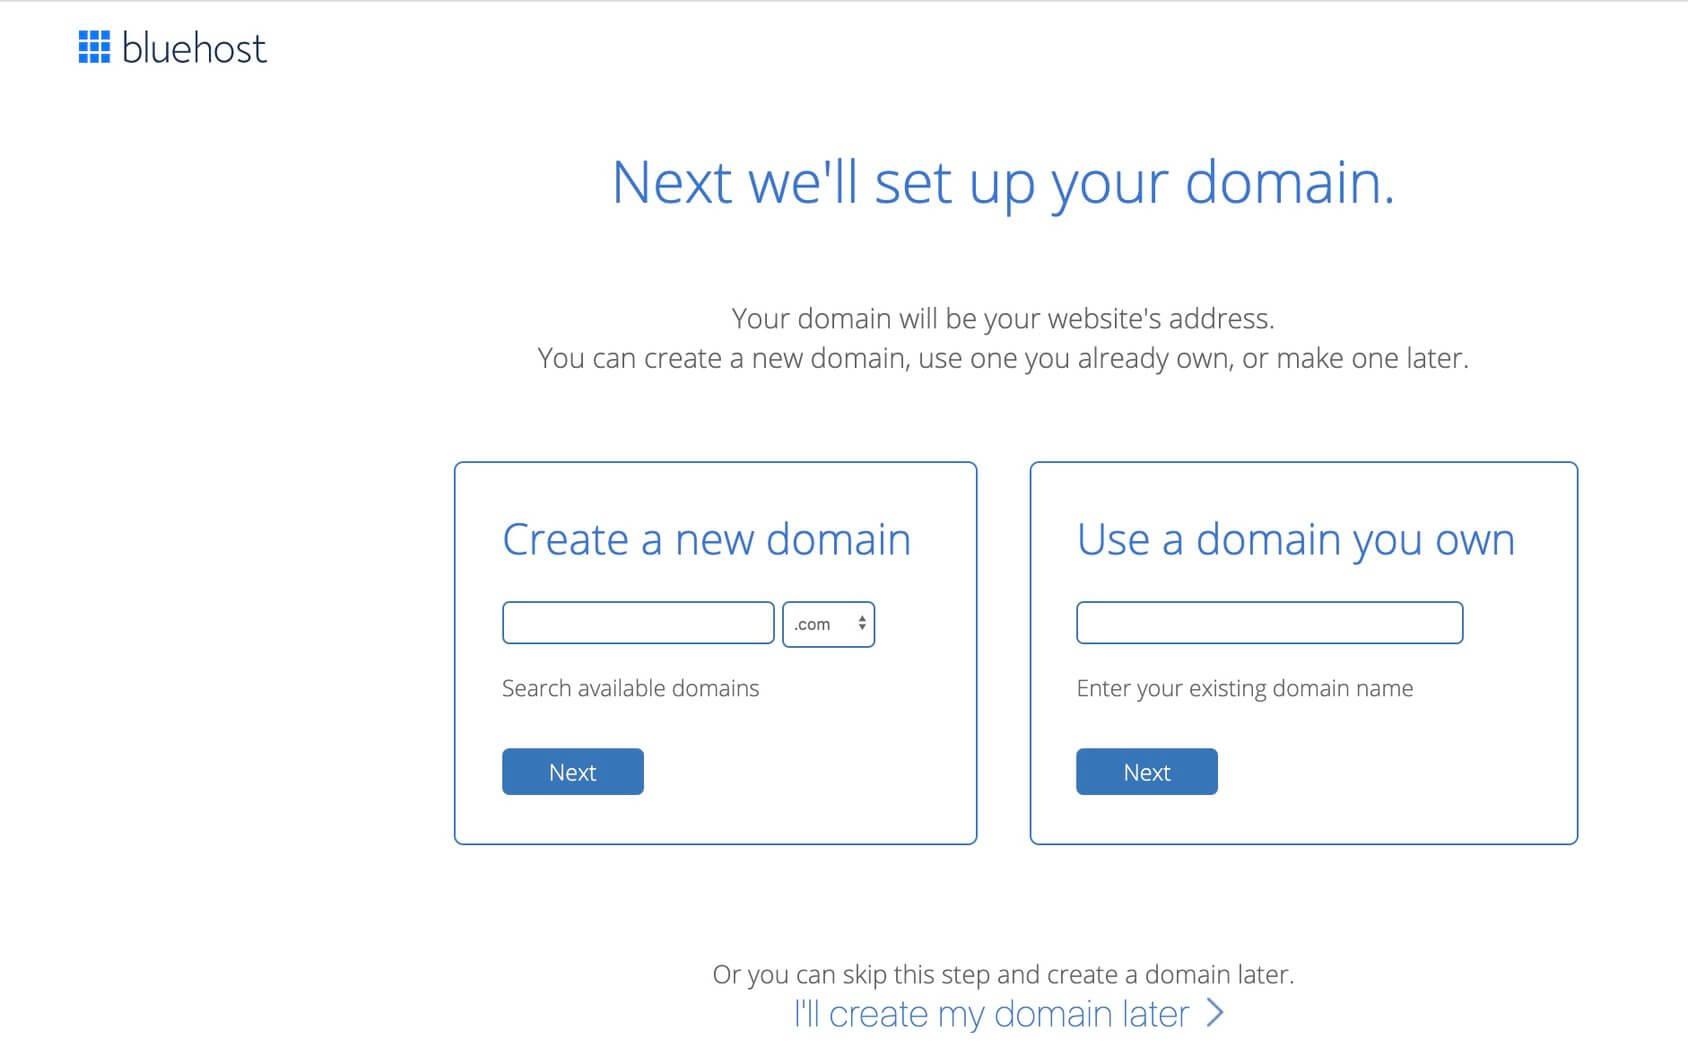 wybierz nazwę domeny